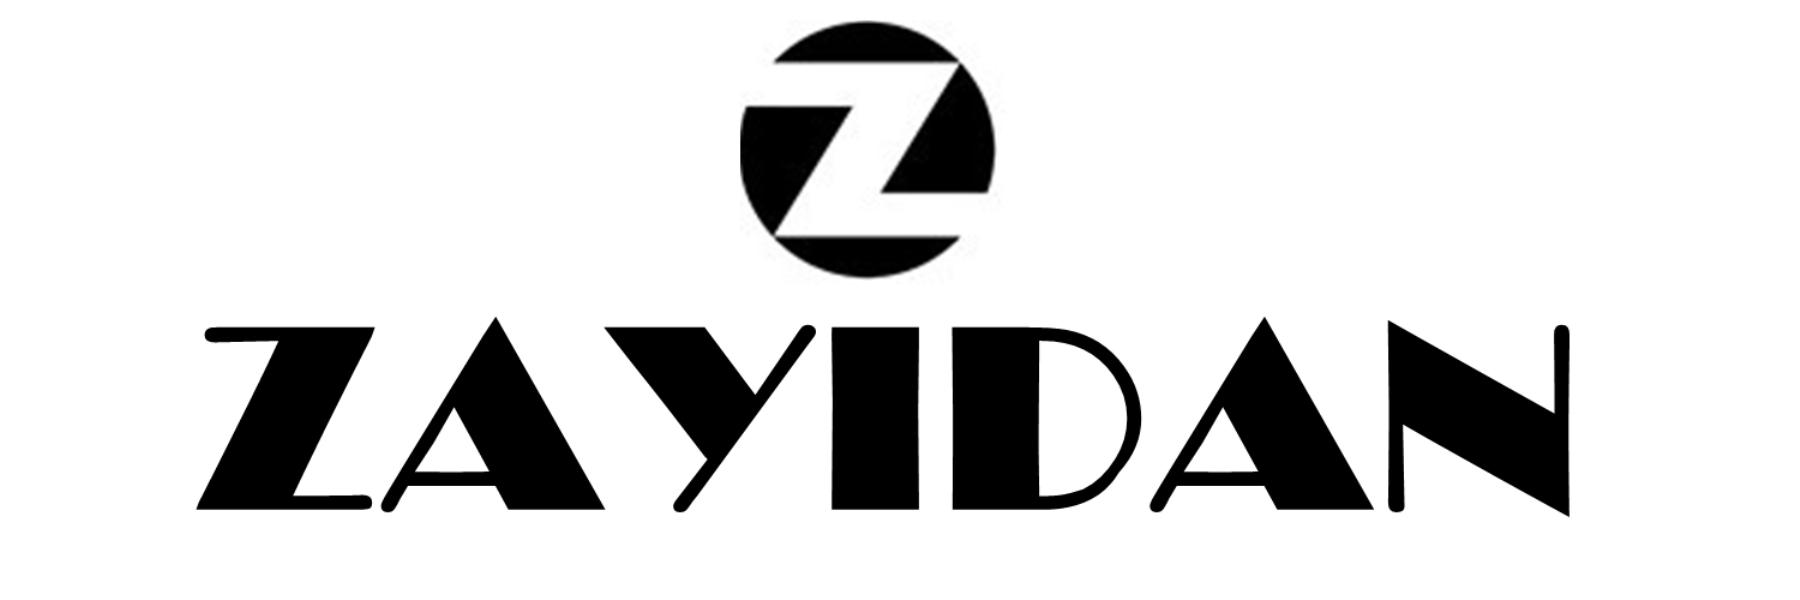 ZAYIDAN logo